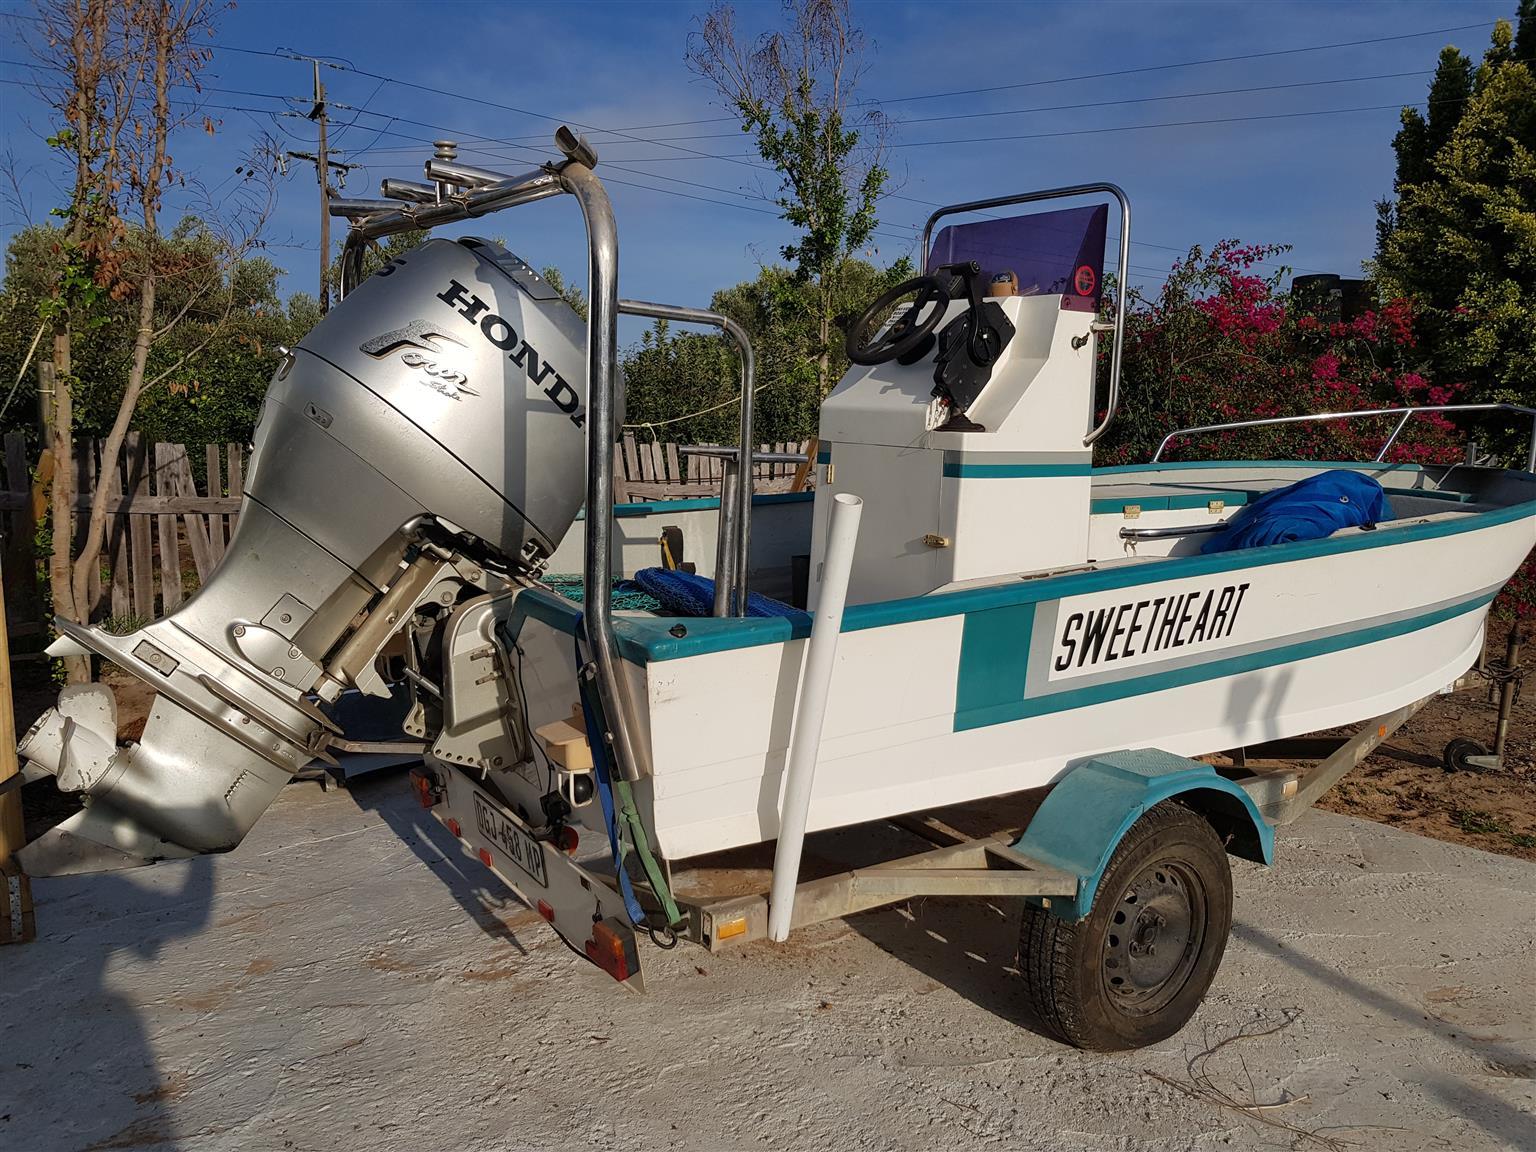 Ski-Vee Fishing boat